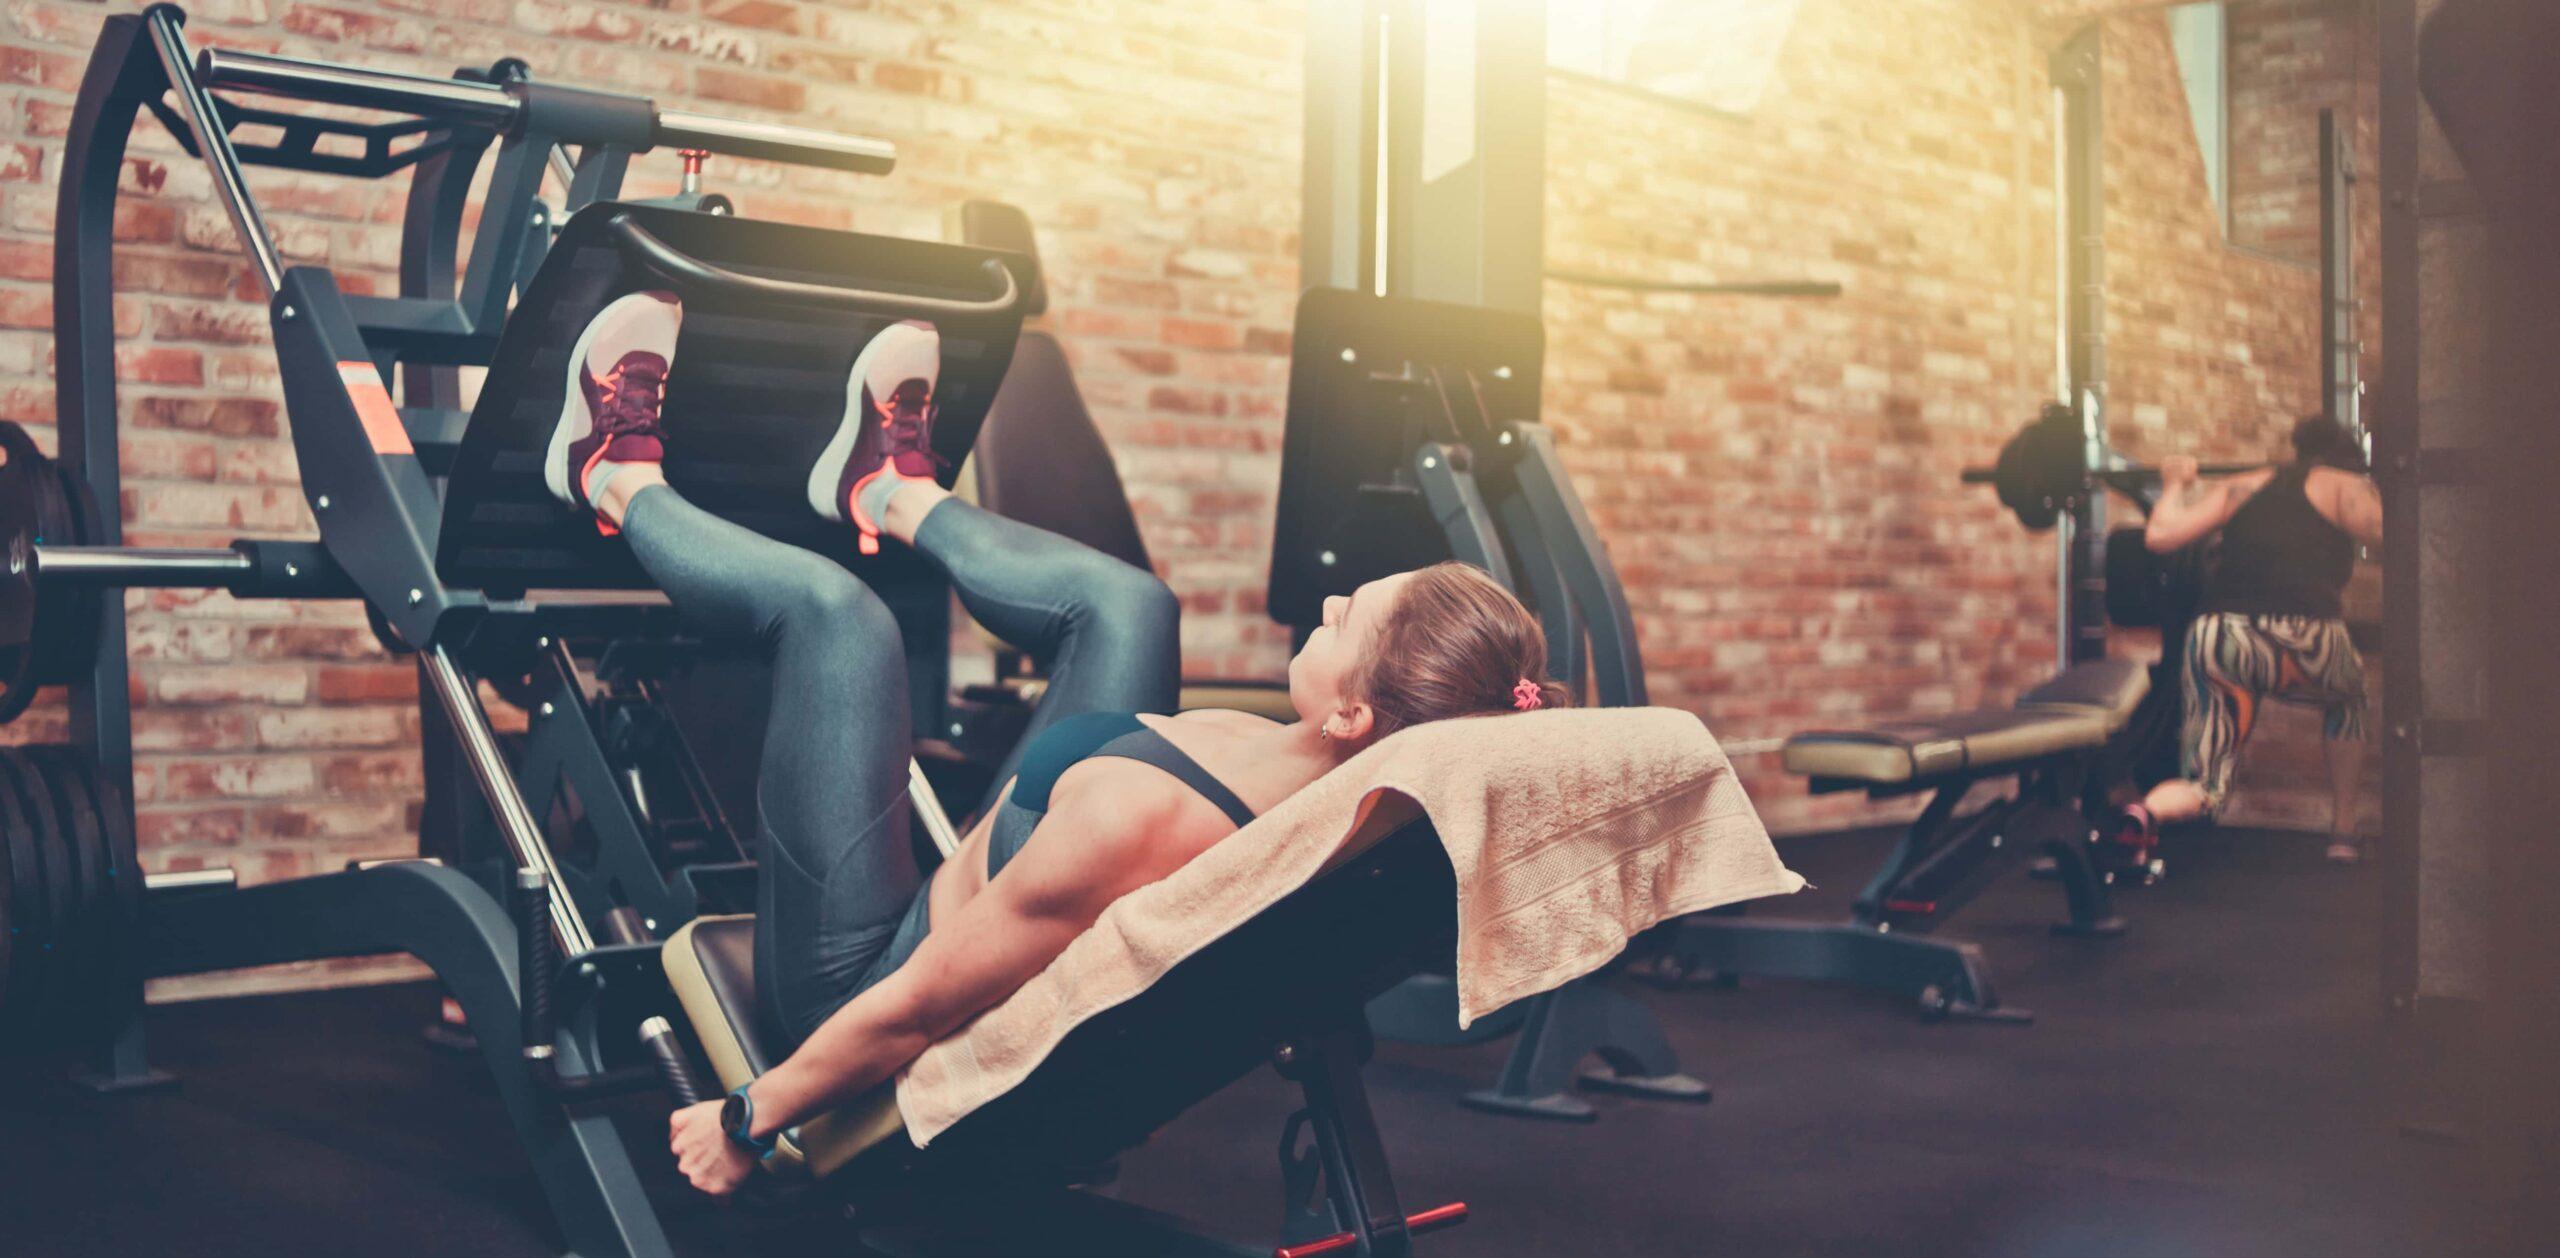 leg press esecuzione corretta in palestra e nel bodybuilding